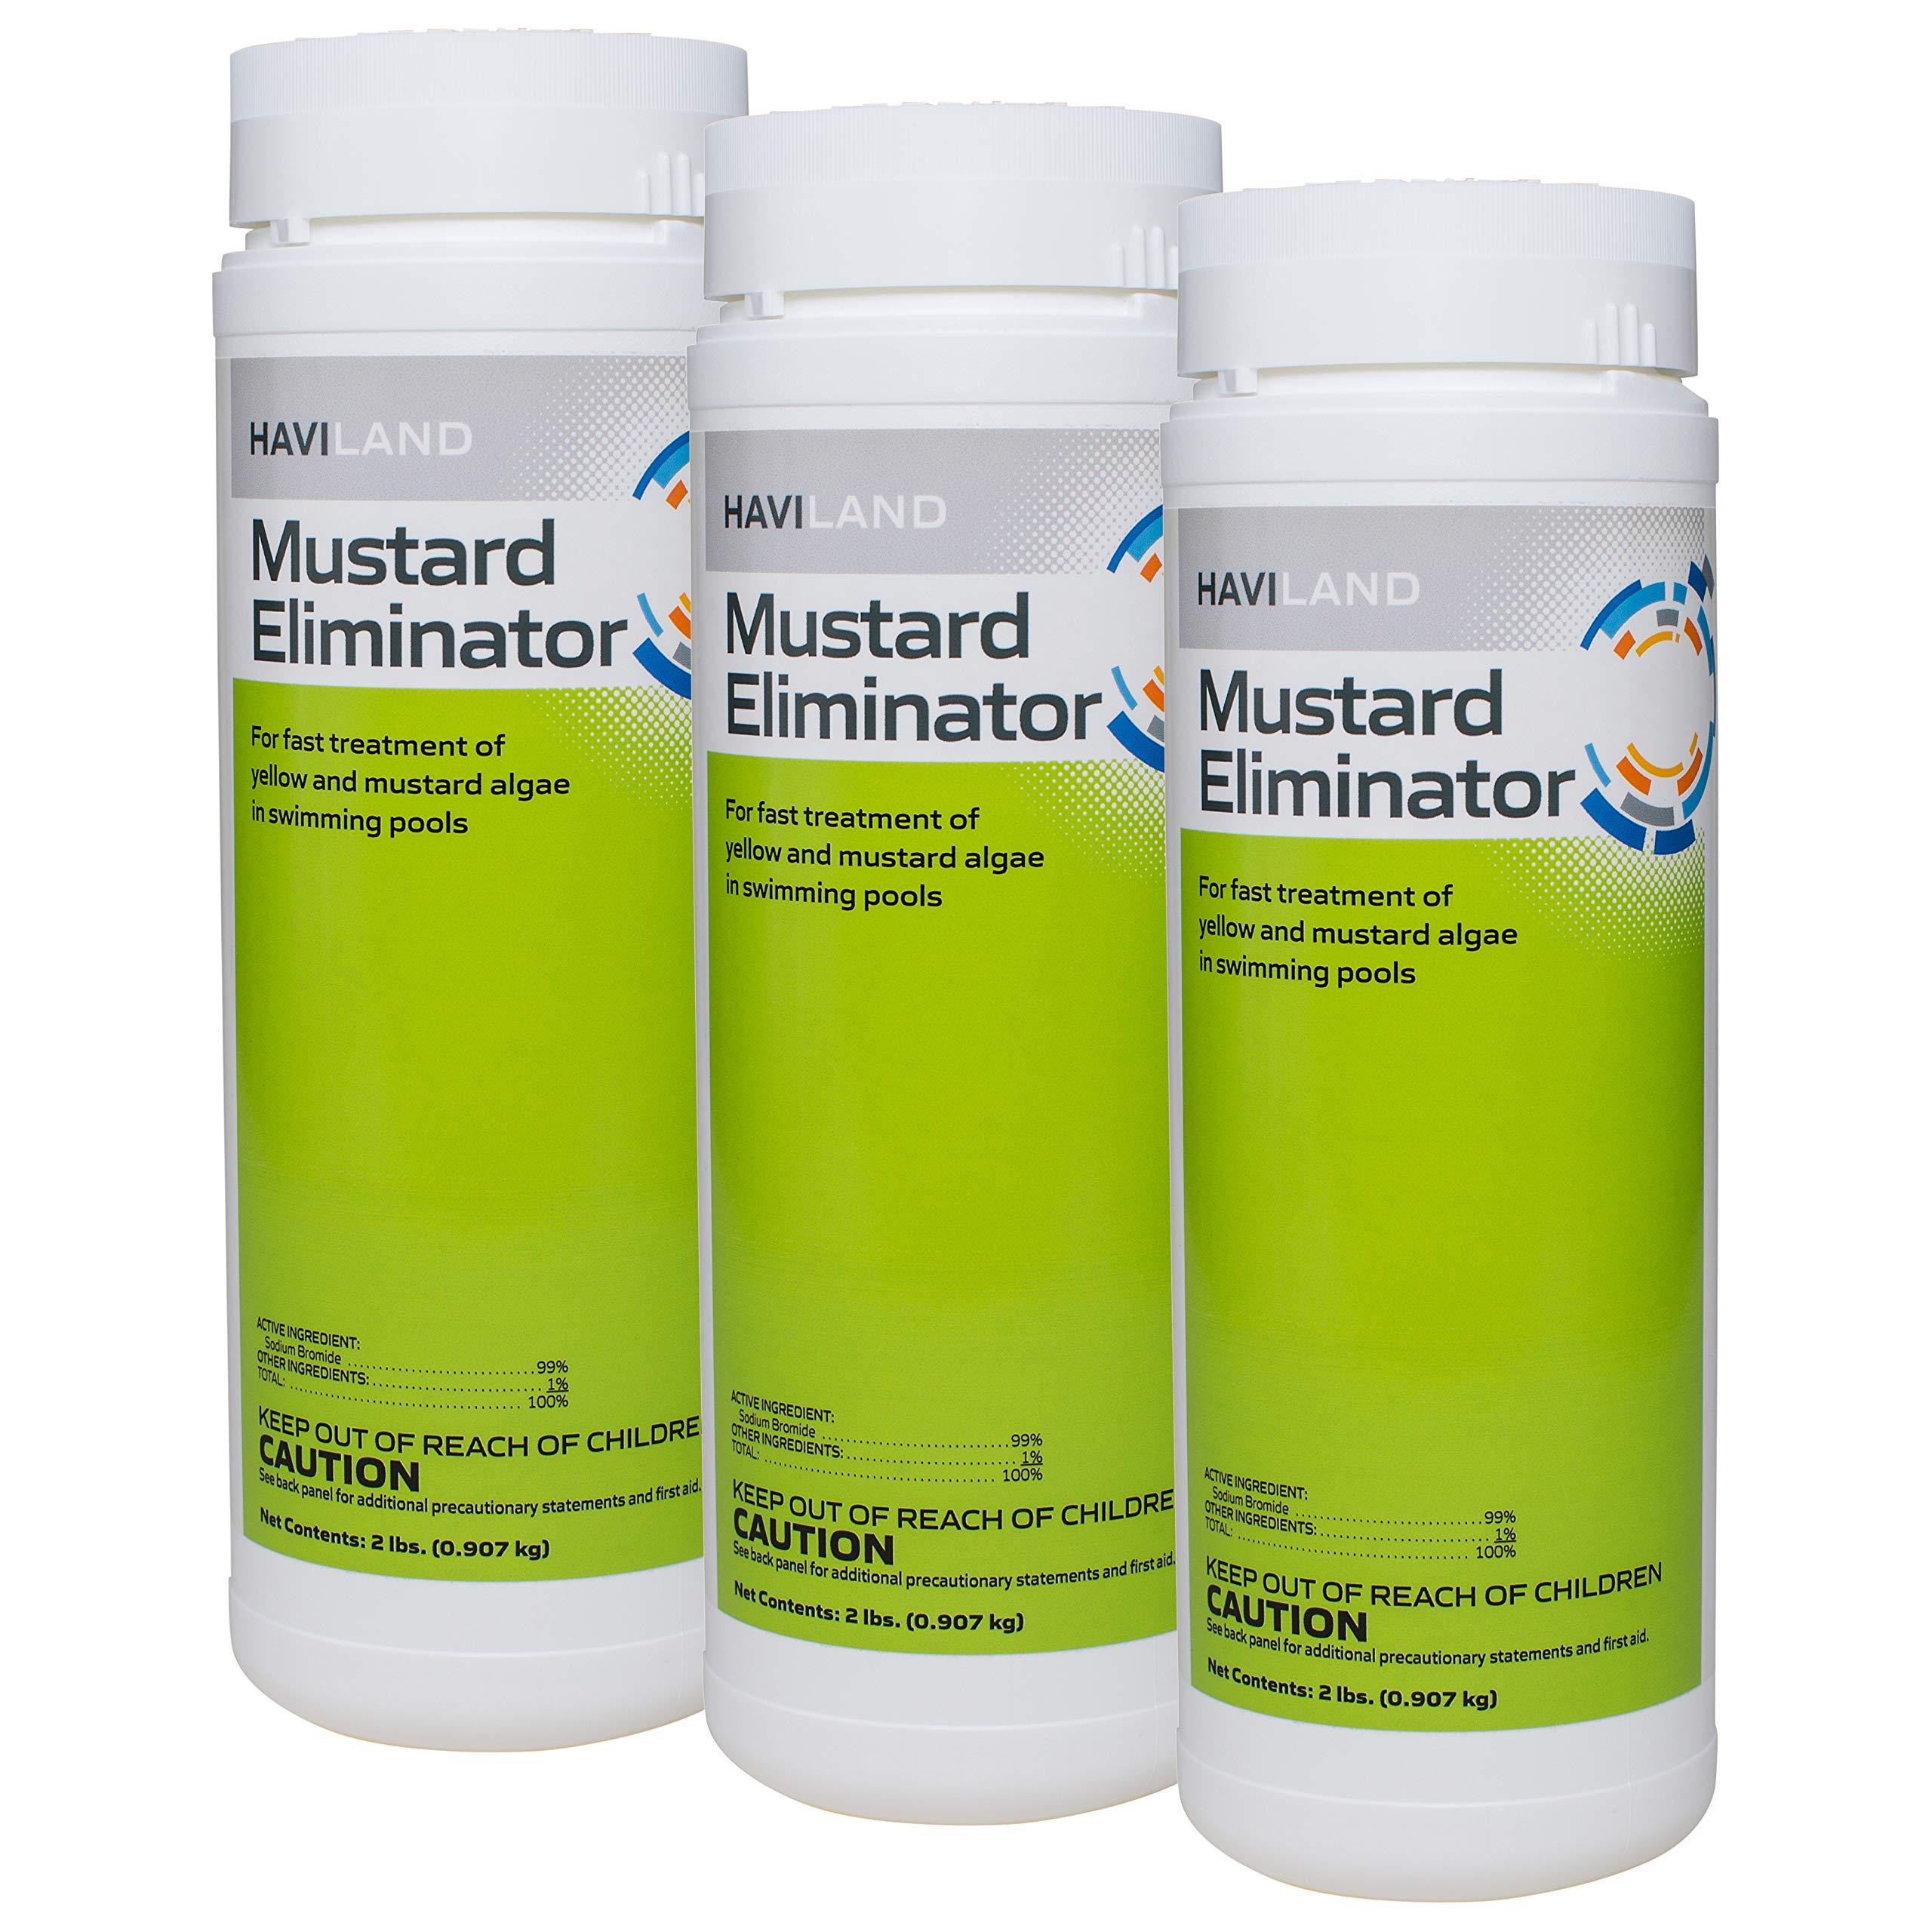 Durachlor Haviland Mustard Eliminator (2 lb) (3 Pack) by Durachlor